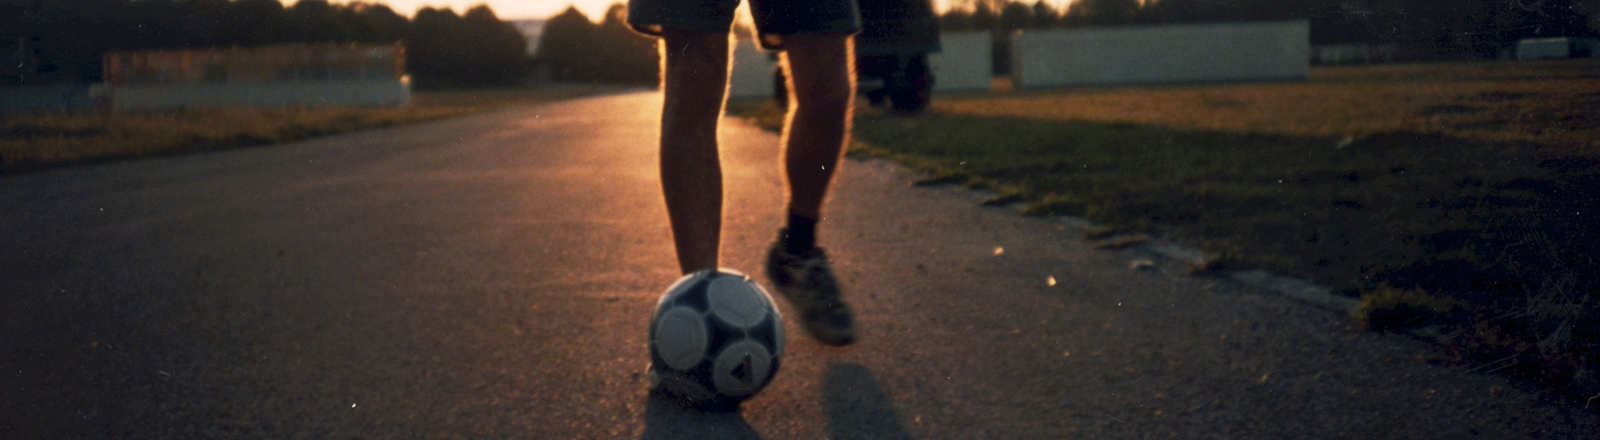 Beine eines Mannes, der einen Fußball vor sich her tritt. Es herrscht Abendstimmung, die Sonne leuchtet im Hintergrund.